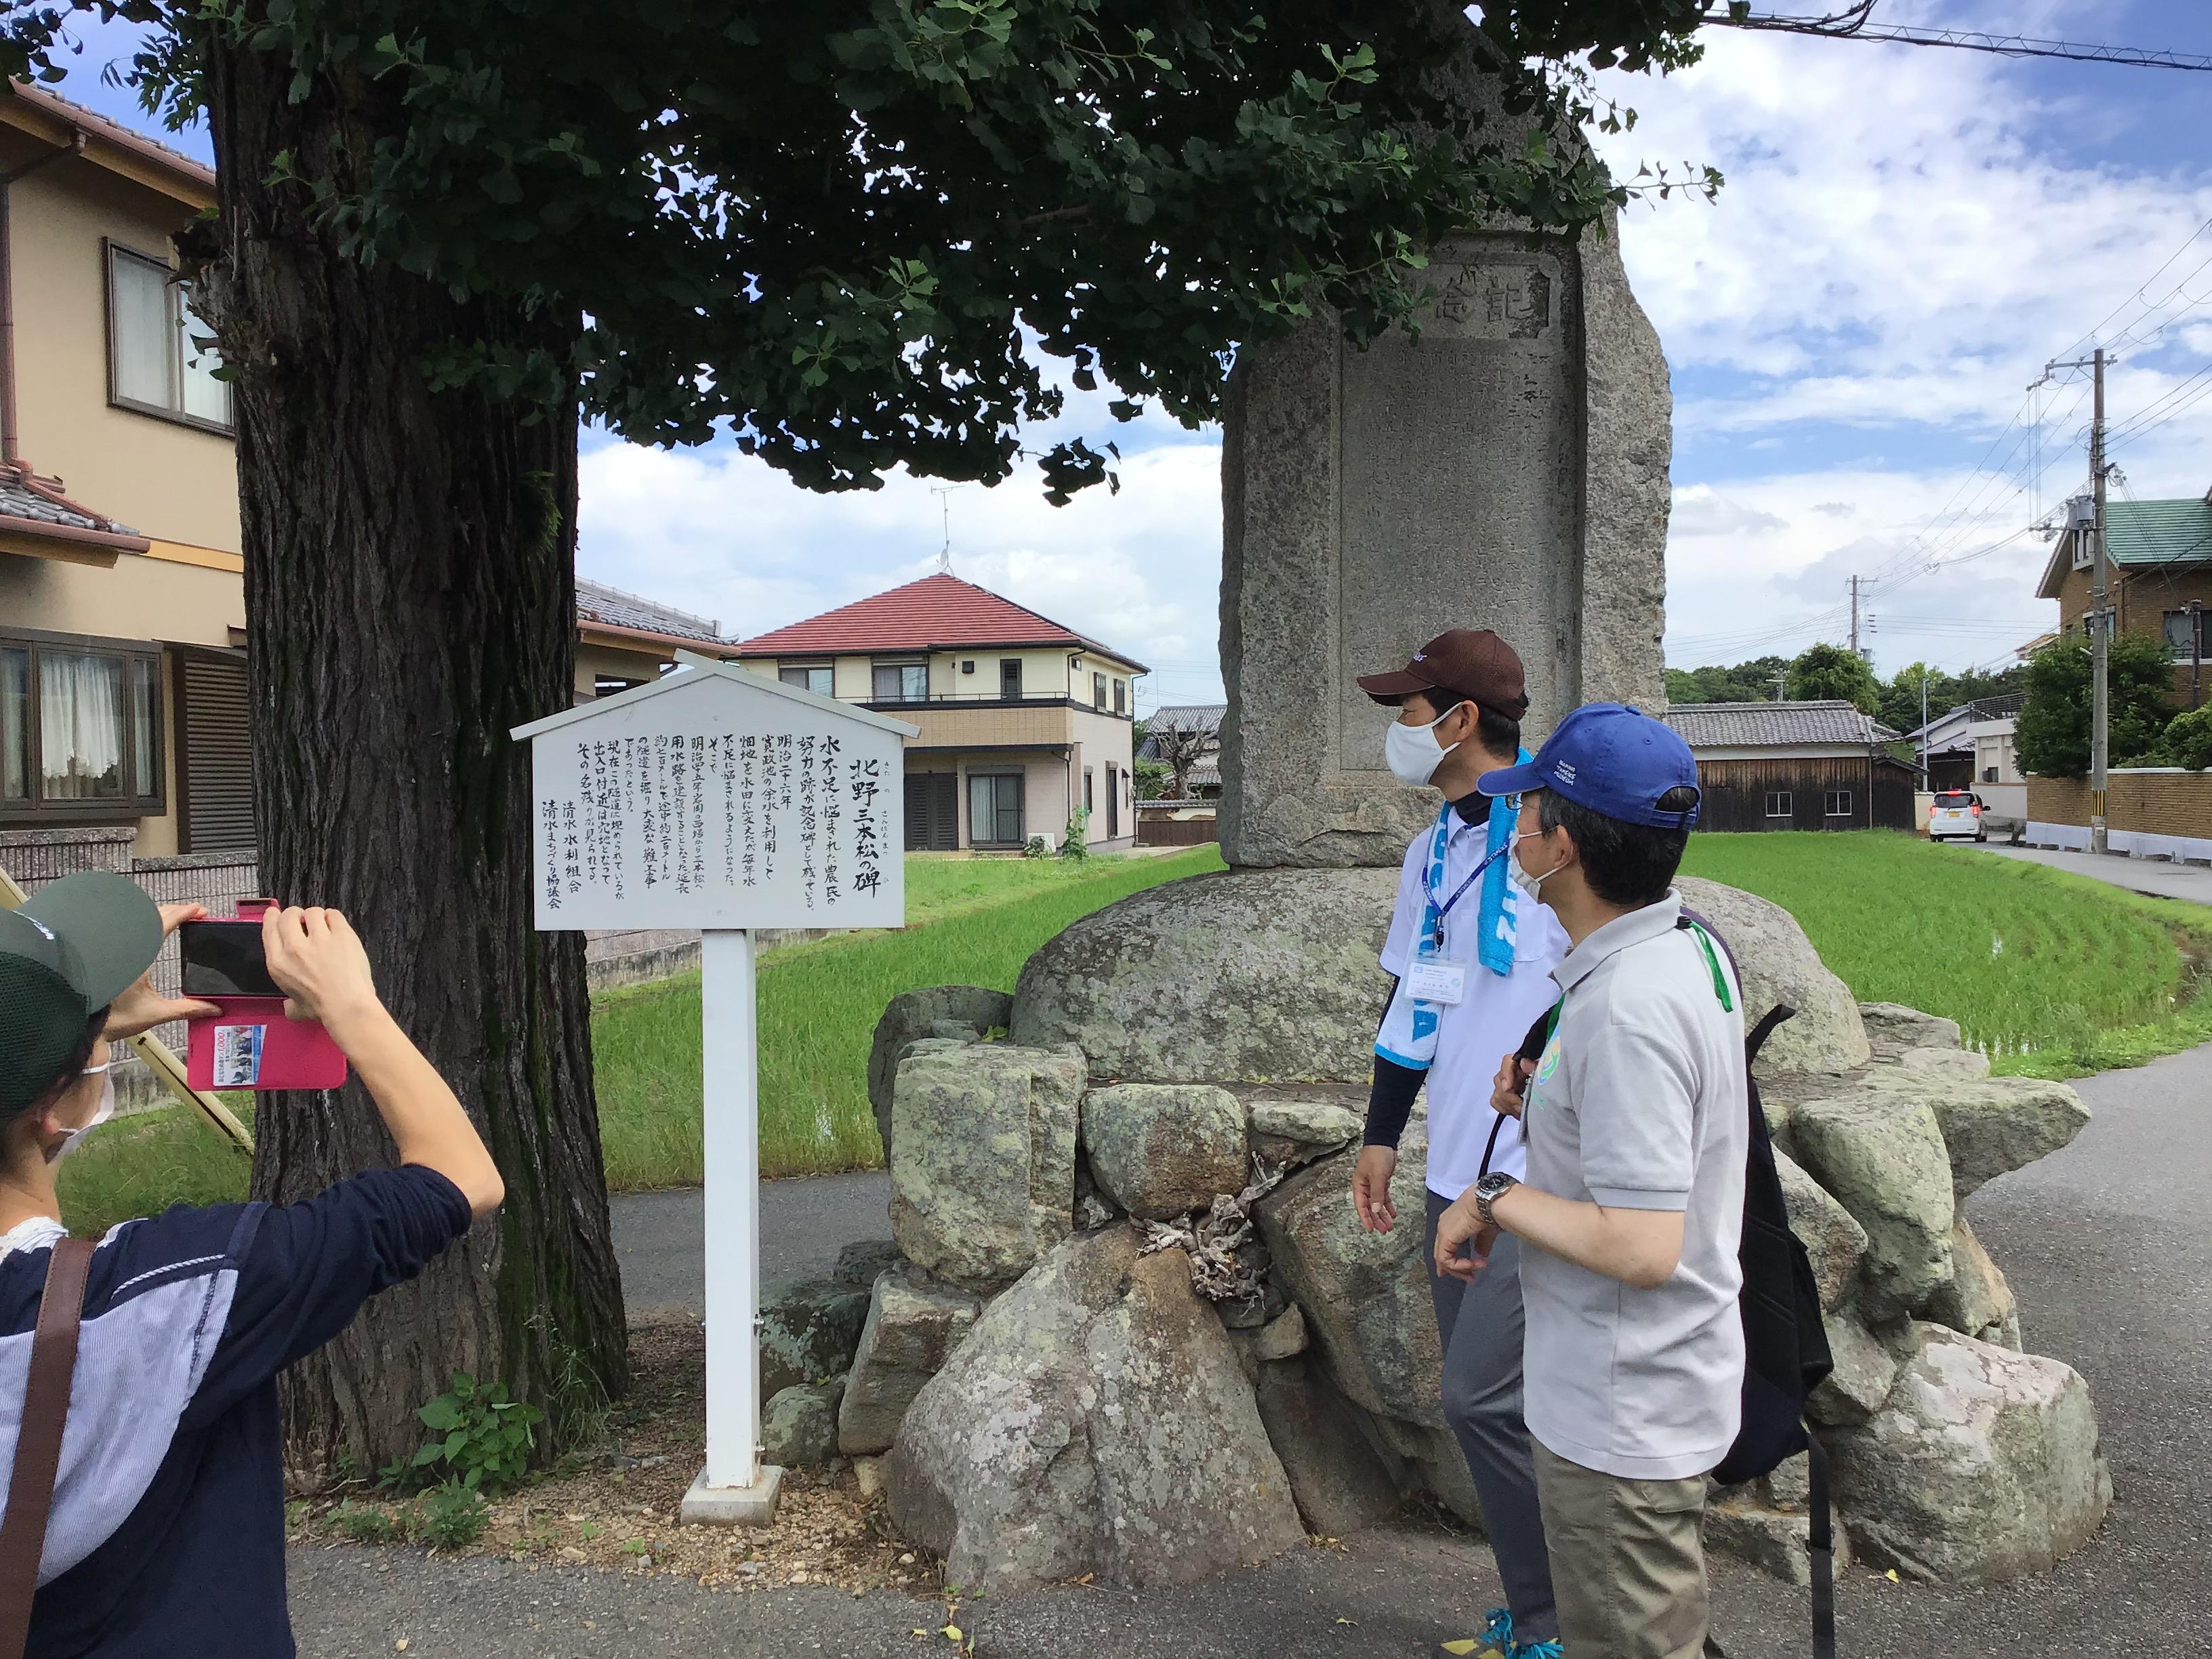 途中、北野三本松の碑を通る。加古川流域土地改良事務所の森脇所長(手前)と東播磨県民局県民課の長谷坂班長(向こう)が水不足に悩まされた農民の努力の跡の碑を見入る。